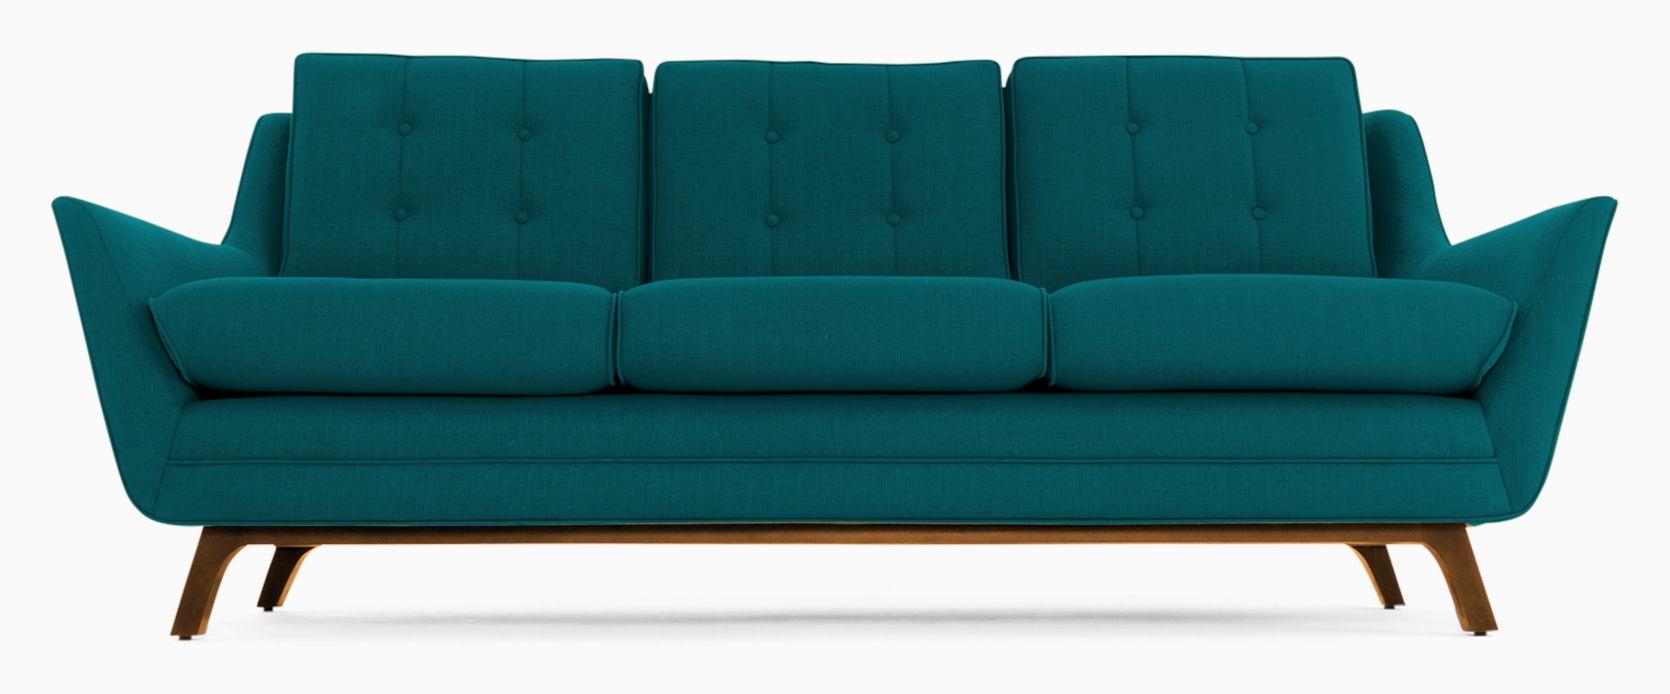 eastwood sofa lucky turquoise